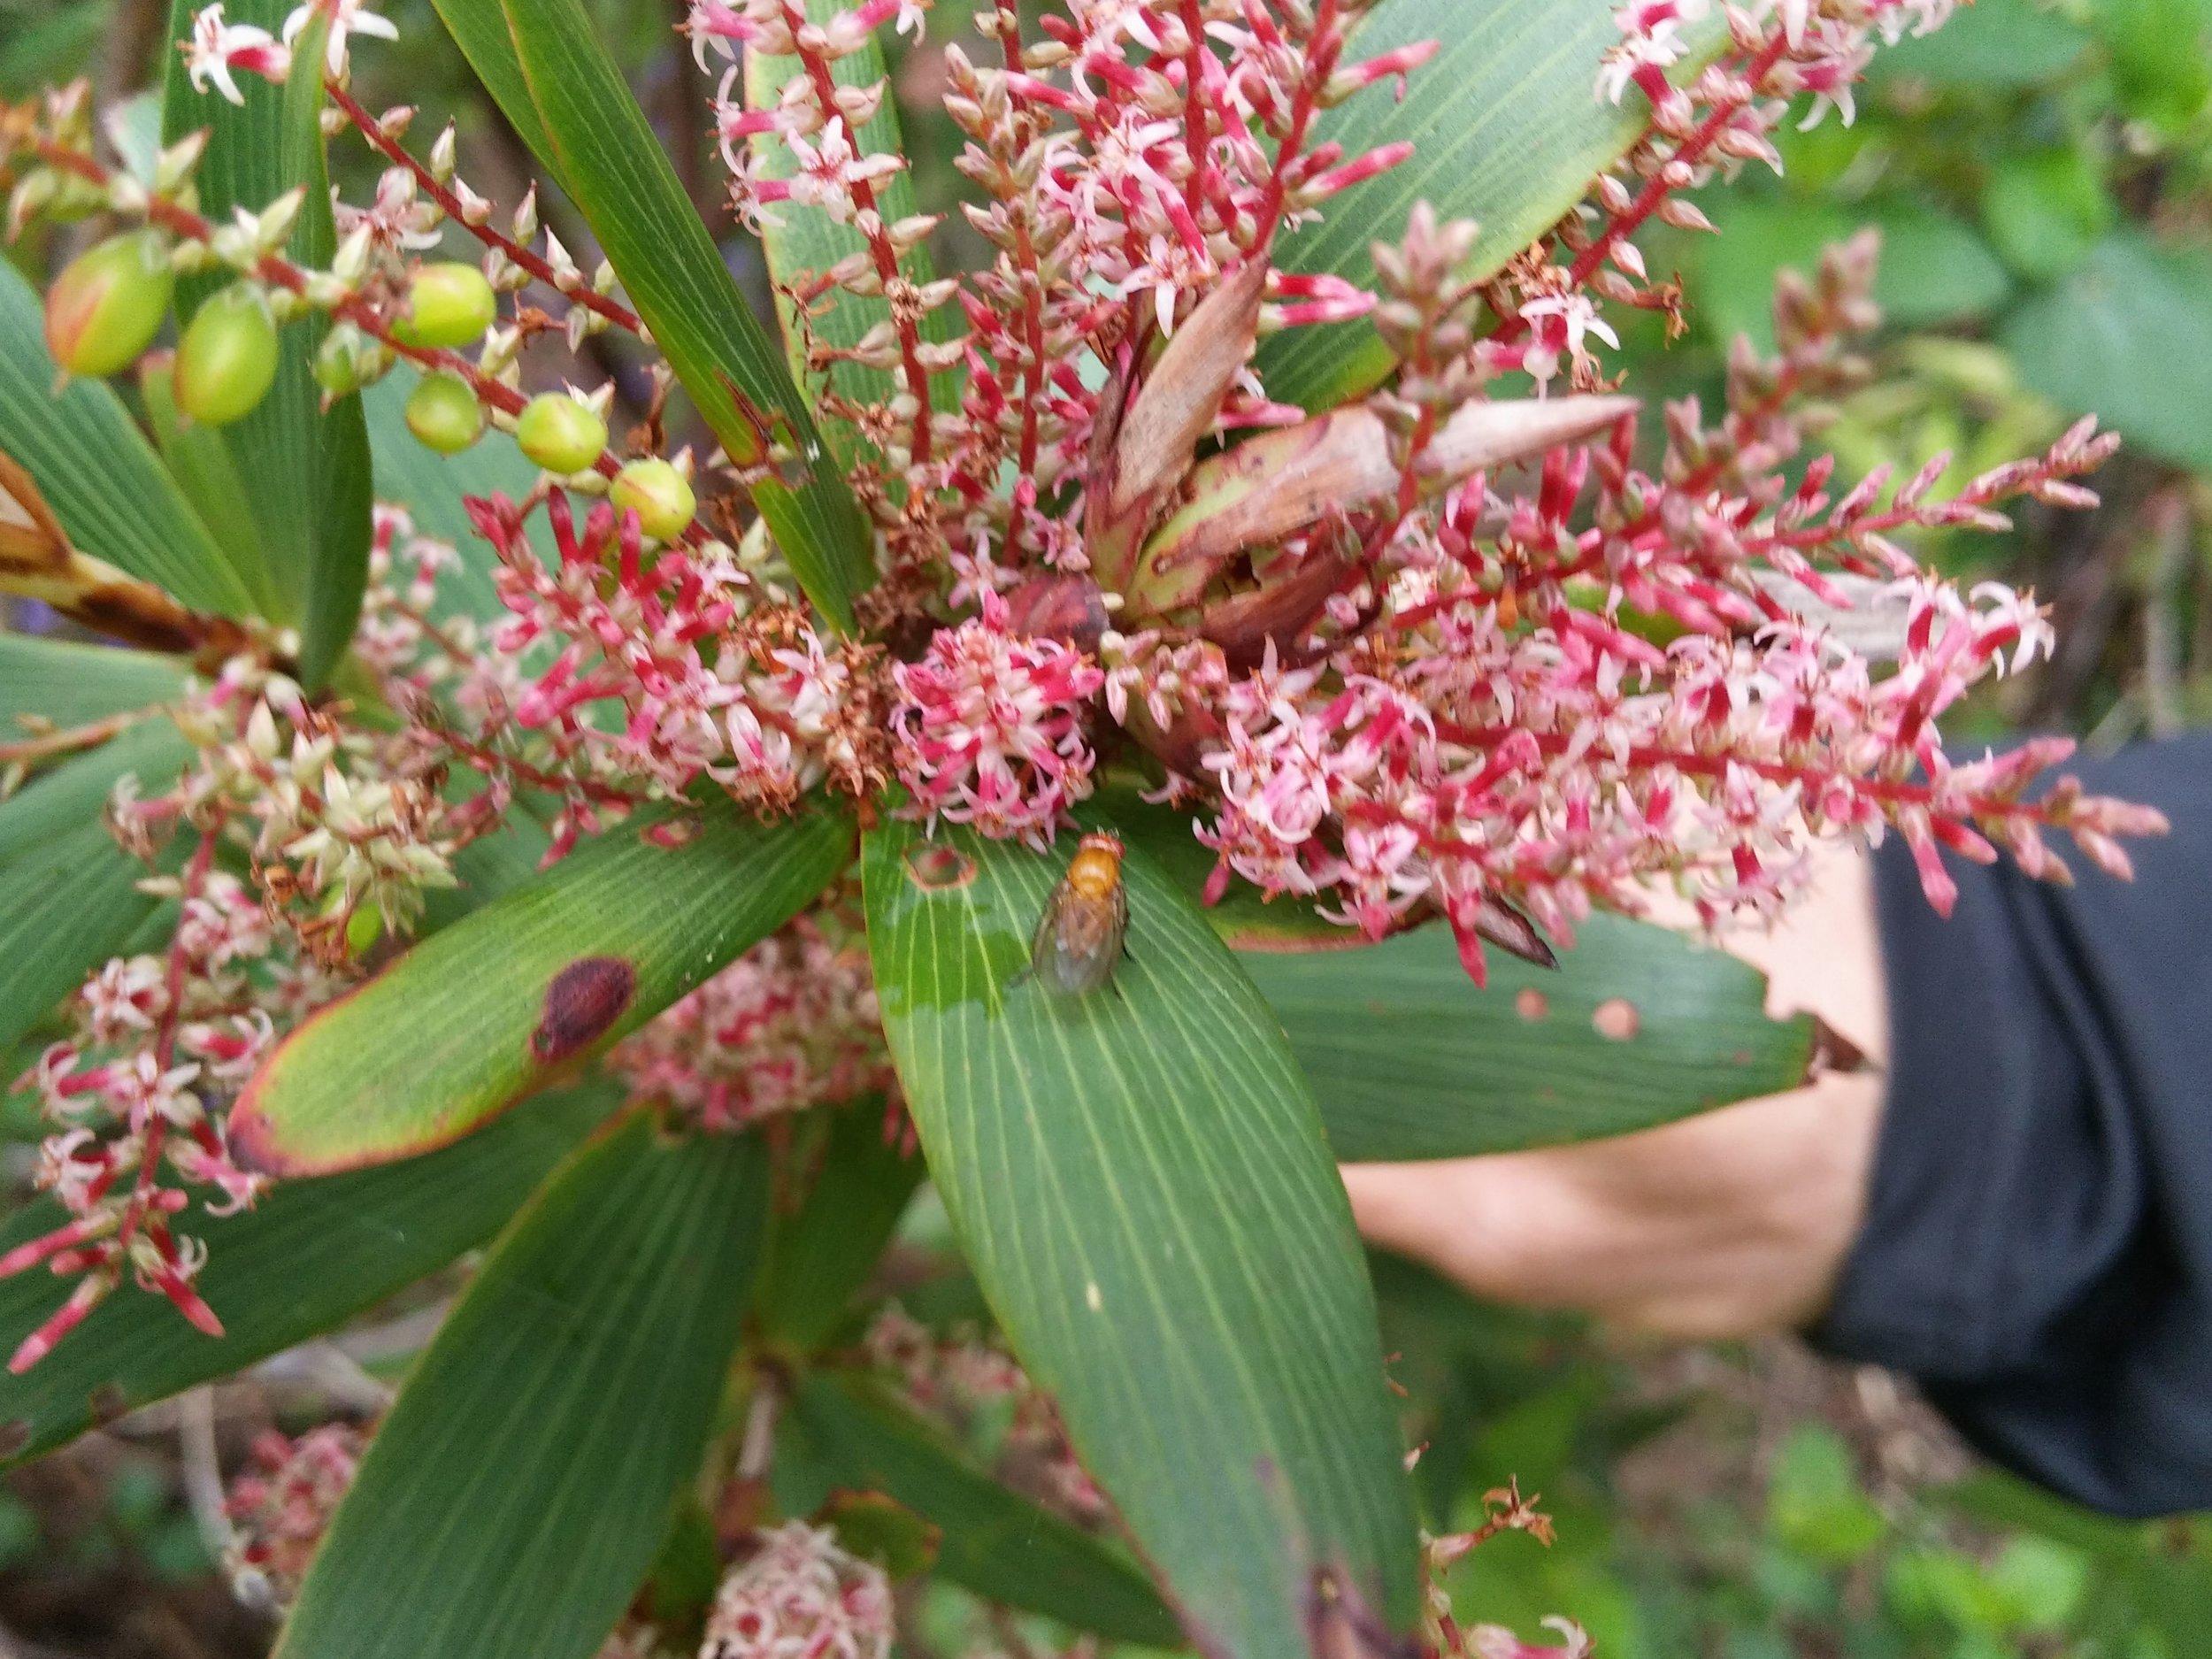 Tassel flower